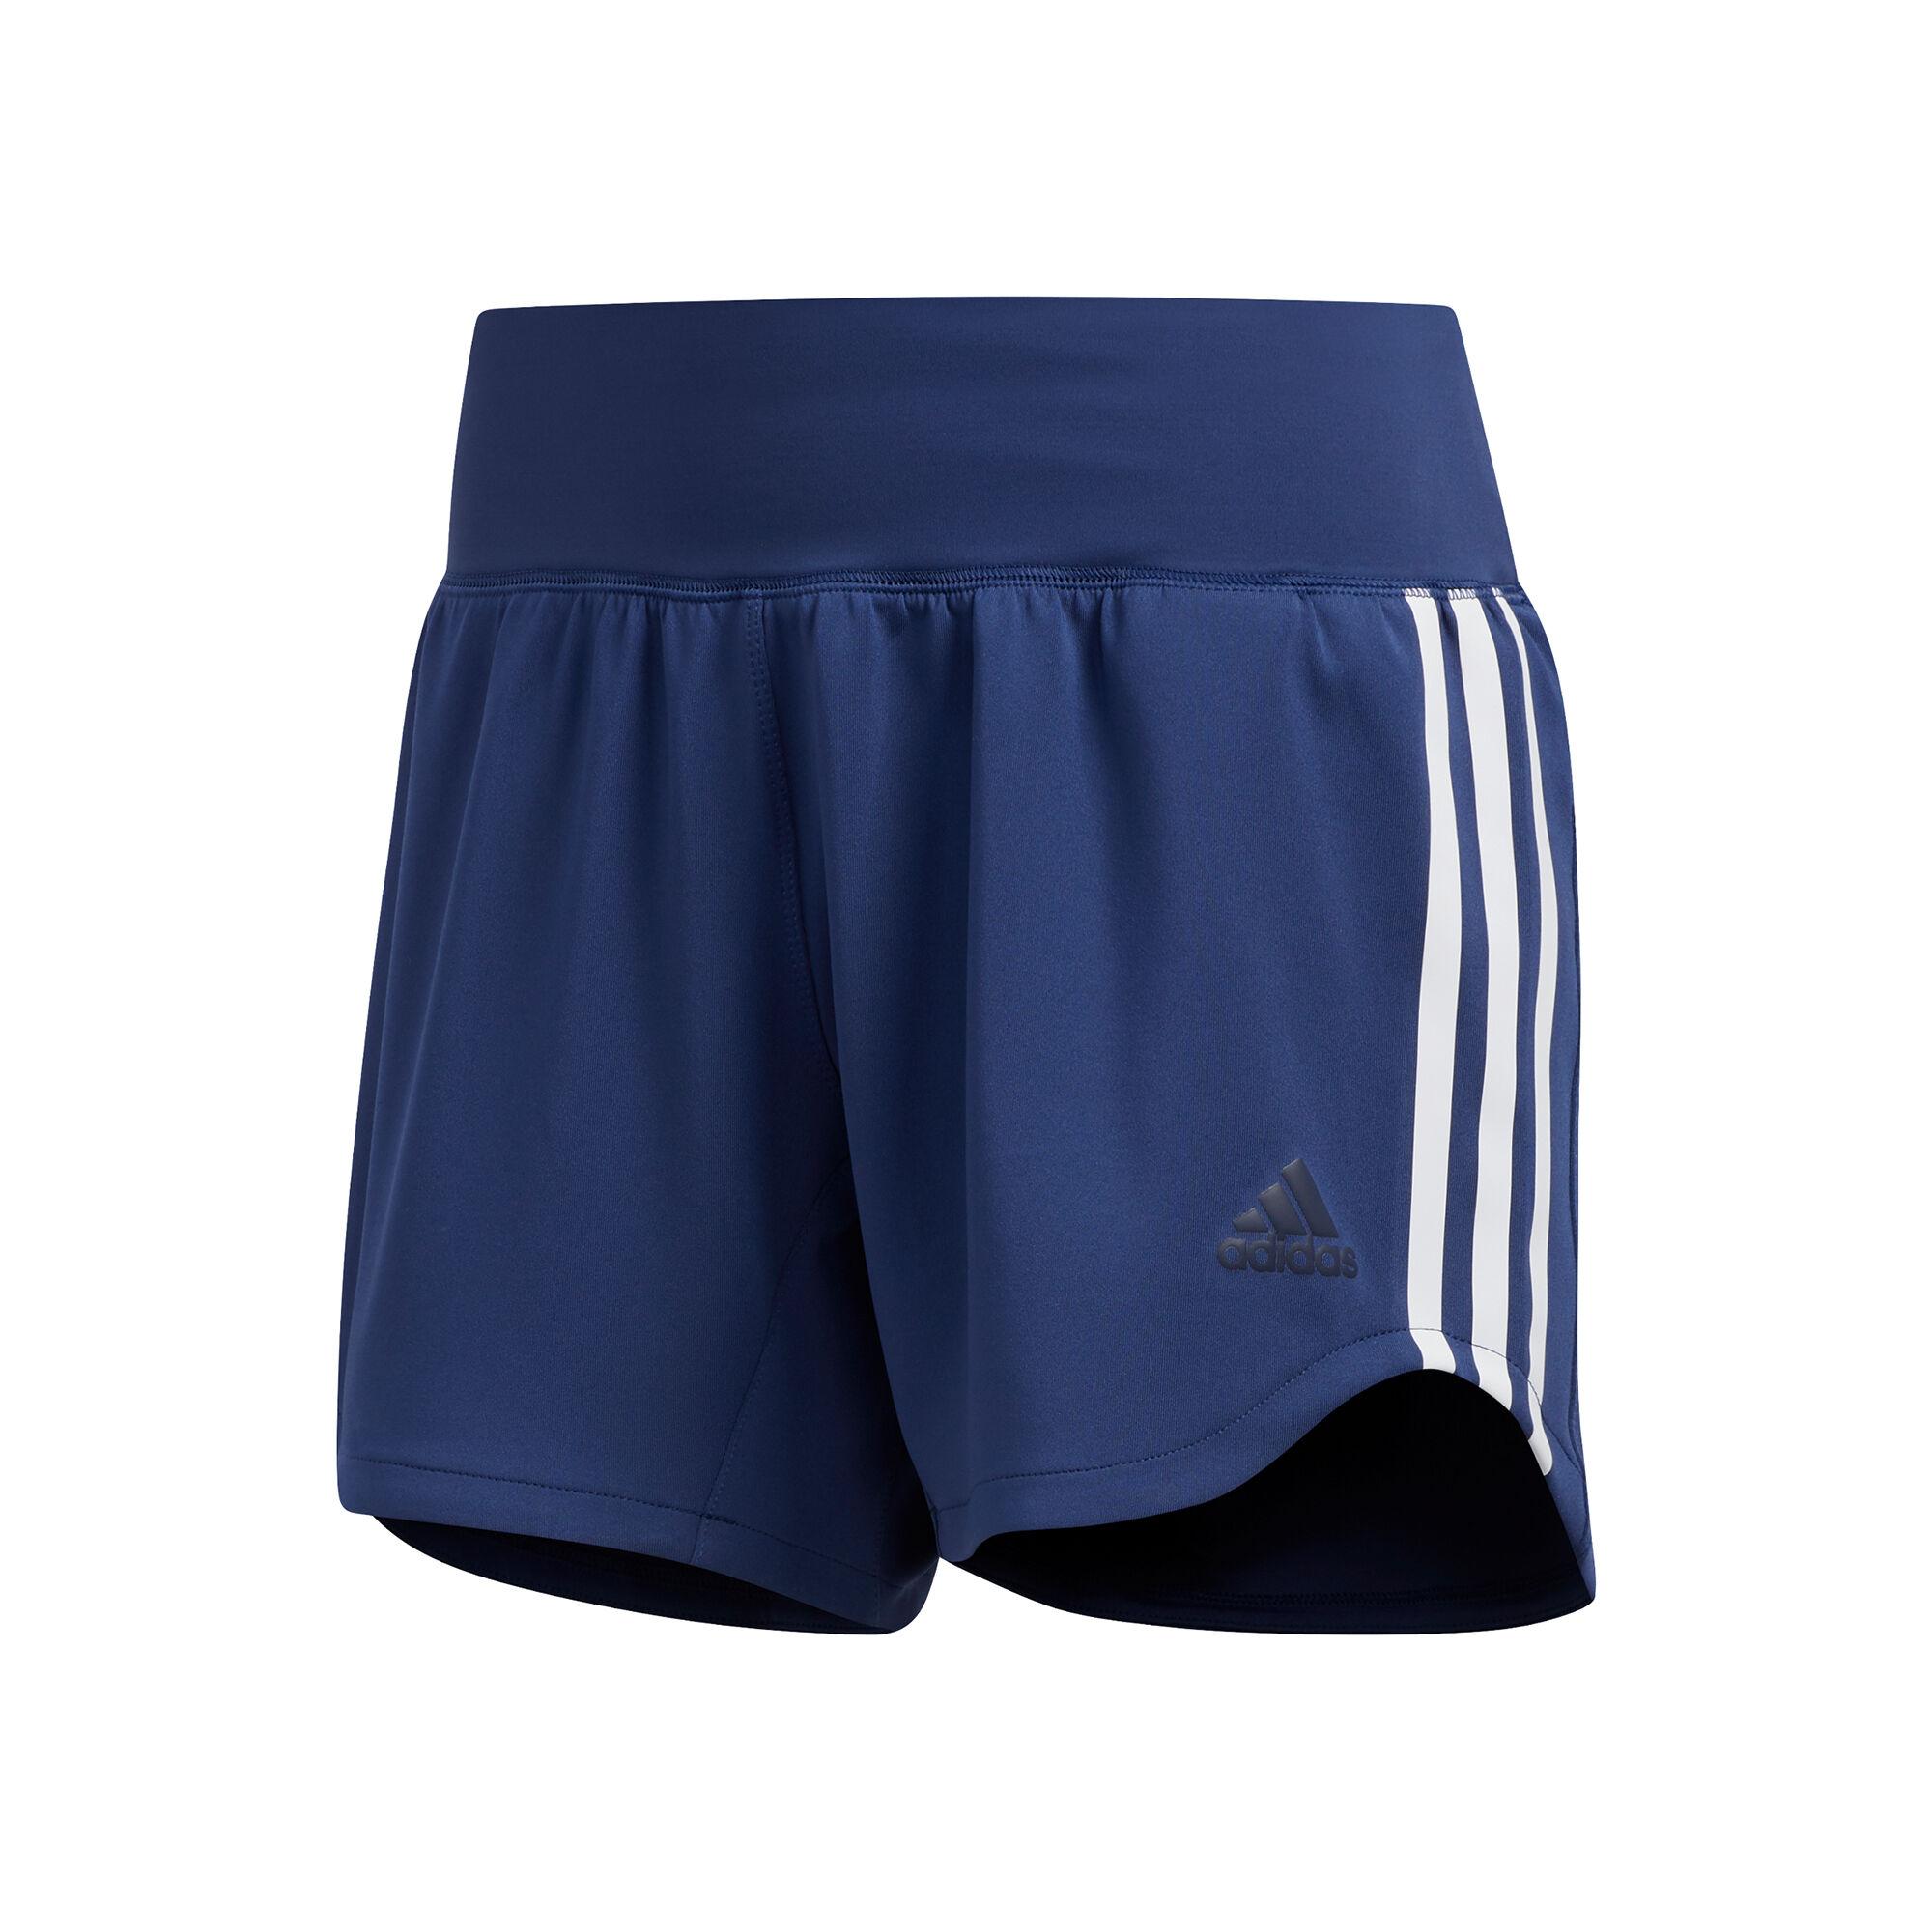 adidas 3-Stripes Woven Shorts Women - Blue, White